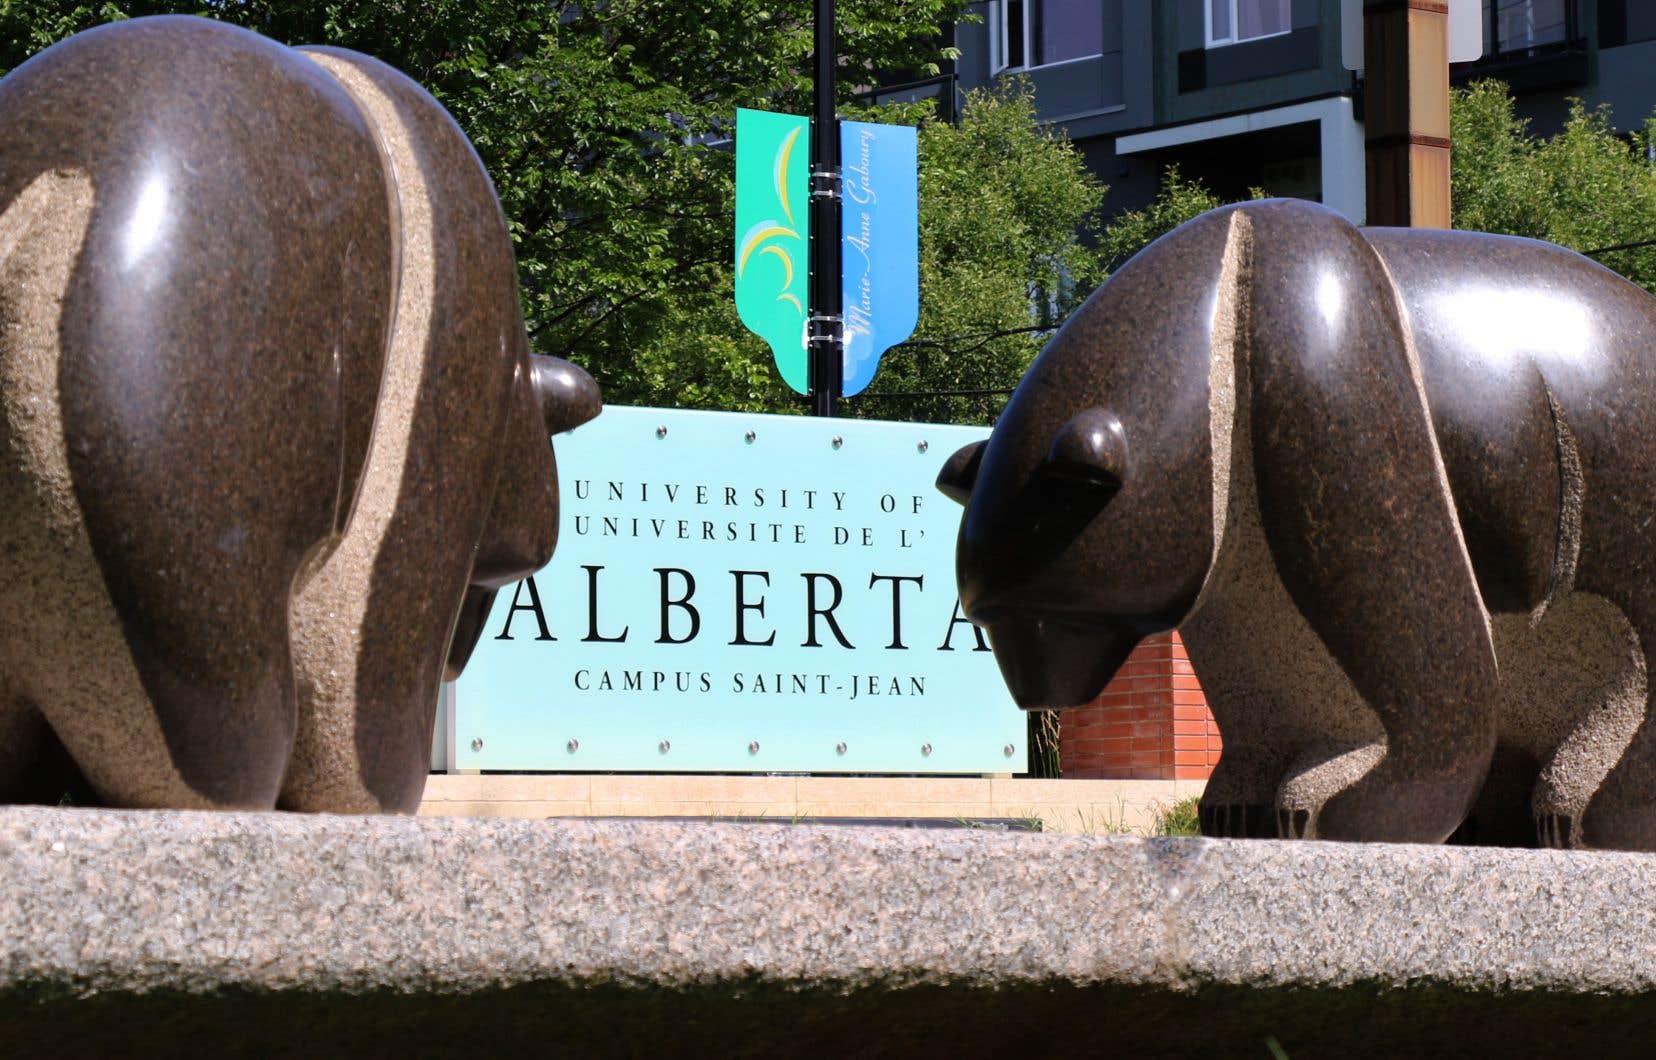 En dépit de la période d'austérité budgétaire qui touche le postsecondaire en Alberta, le Campus Saint-Jean a vu un rêve de longue date se réaliser.